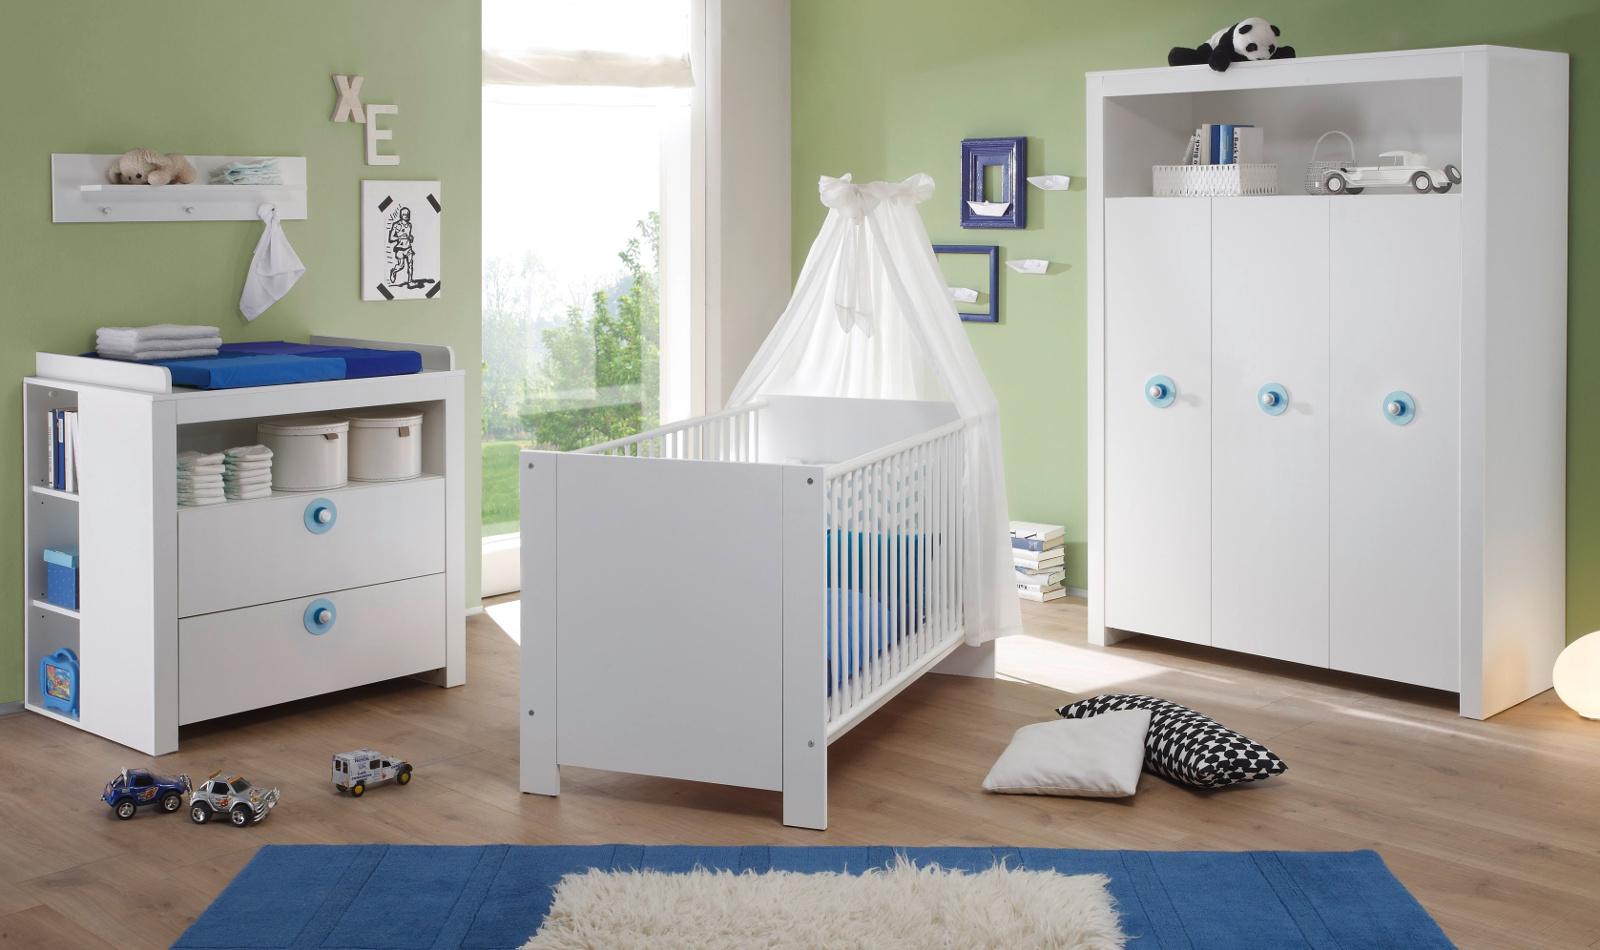 Babyzimmer set weiß  Babyzimmer Olivia 5-teilig mit Regalen weiß Design